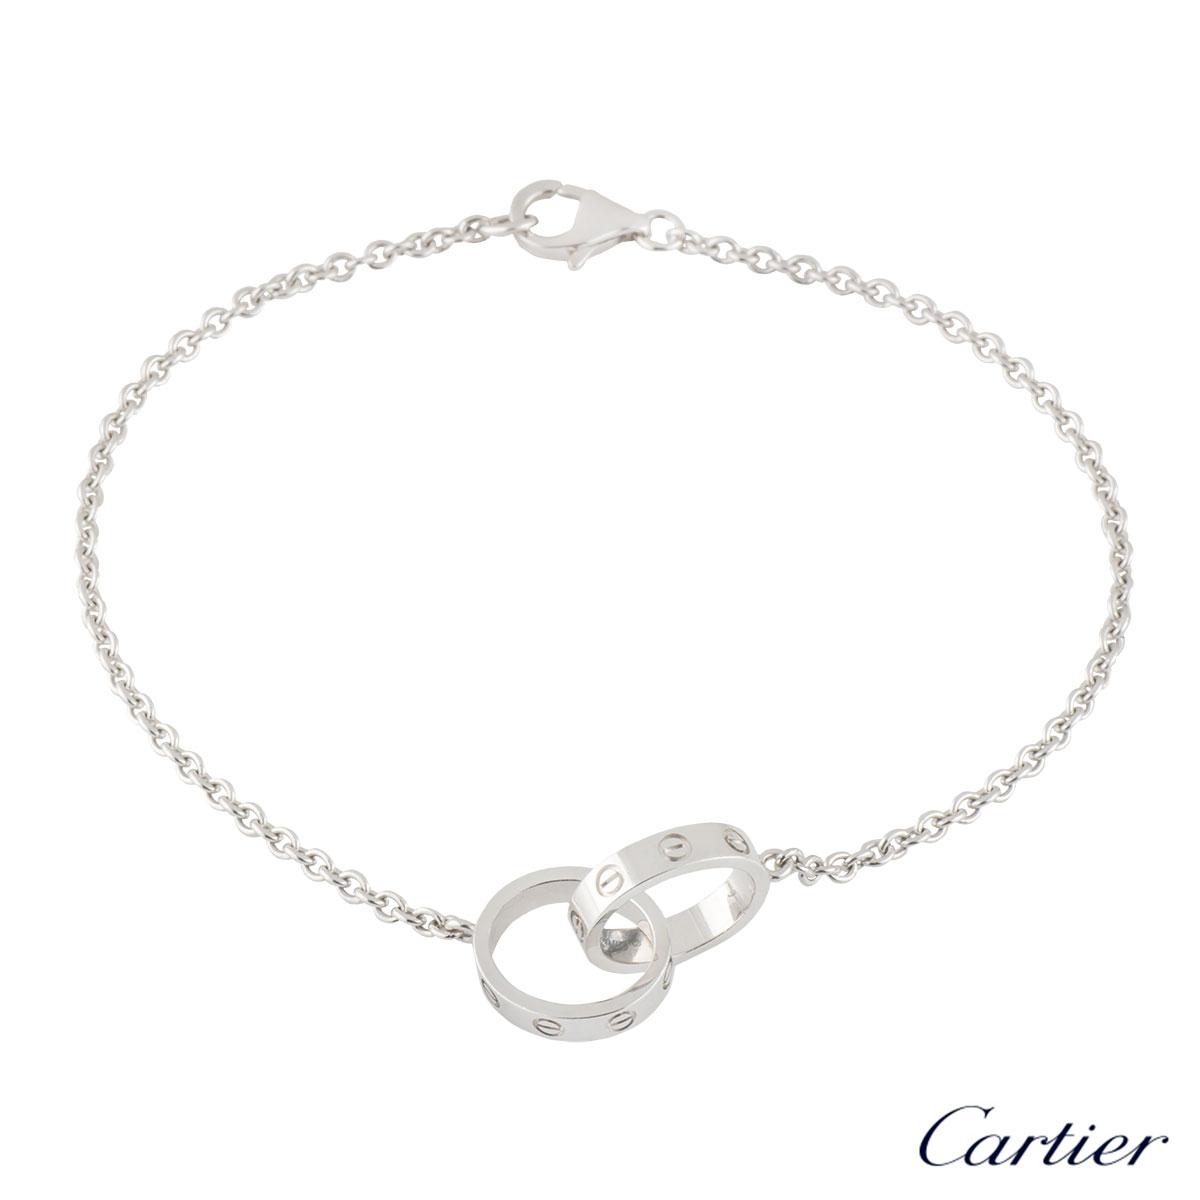 Cartier White Gold Plain Love Bracelet B6027200